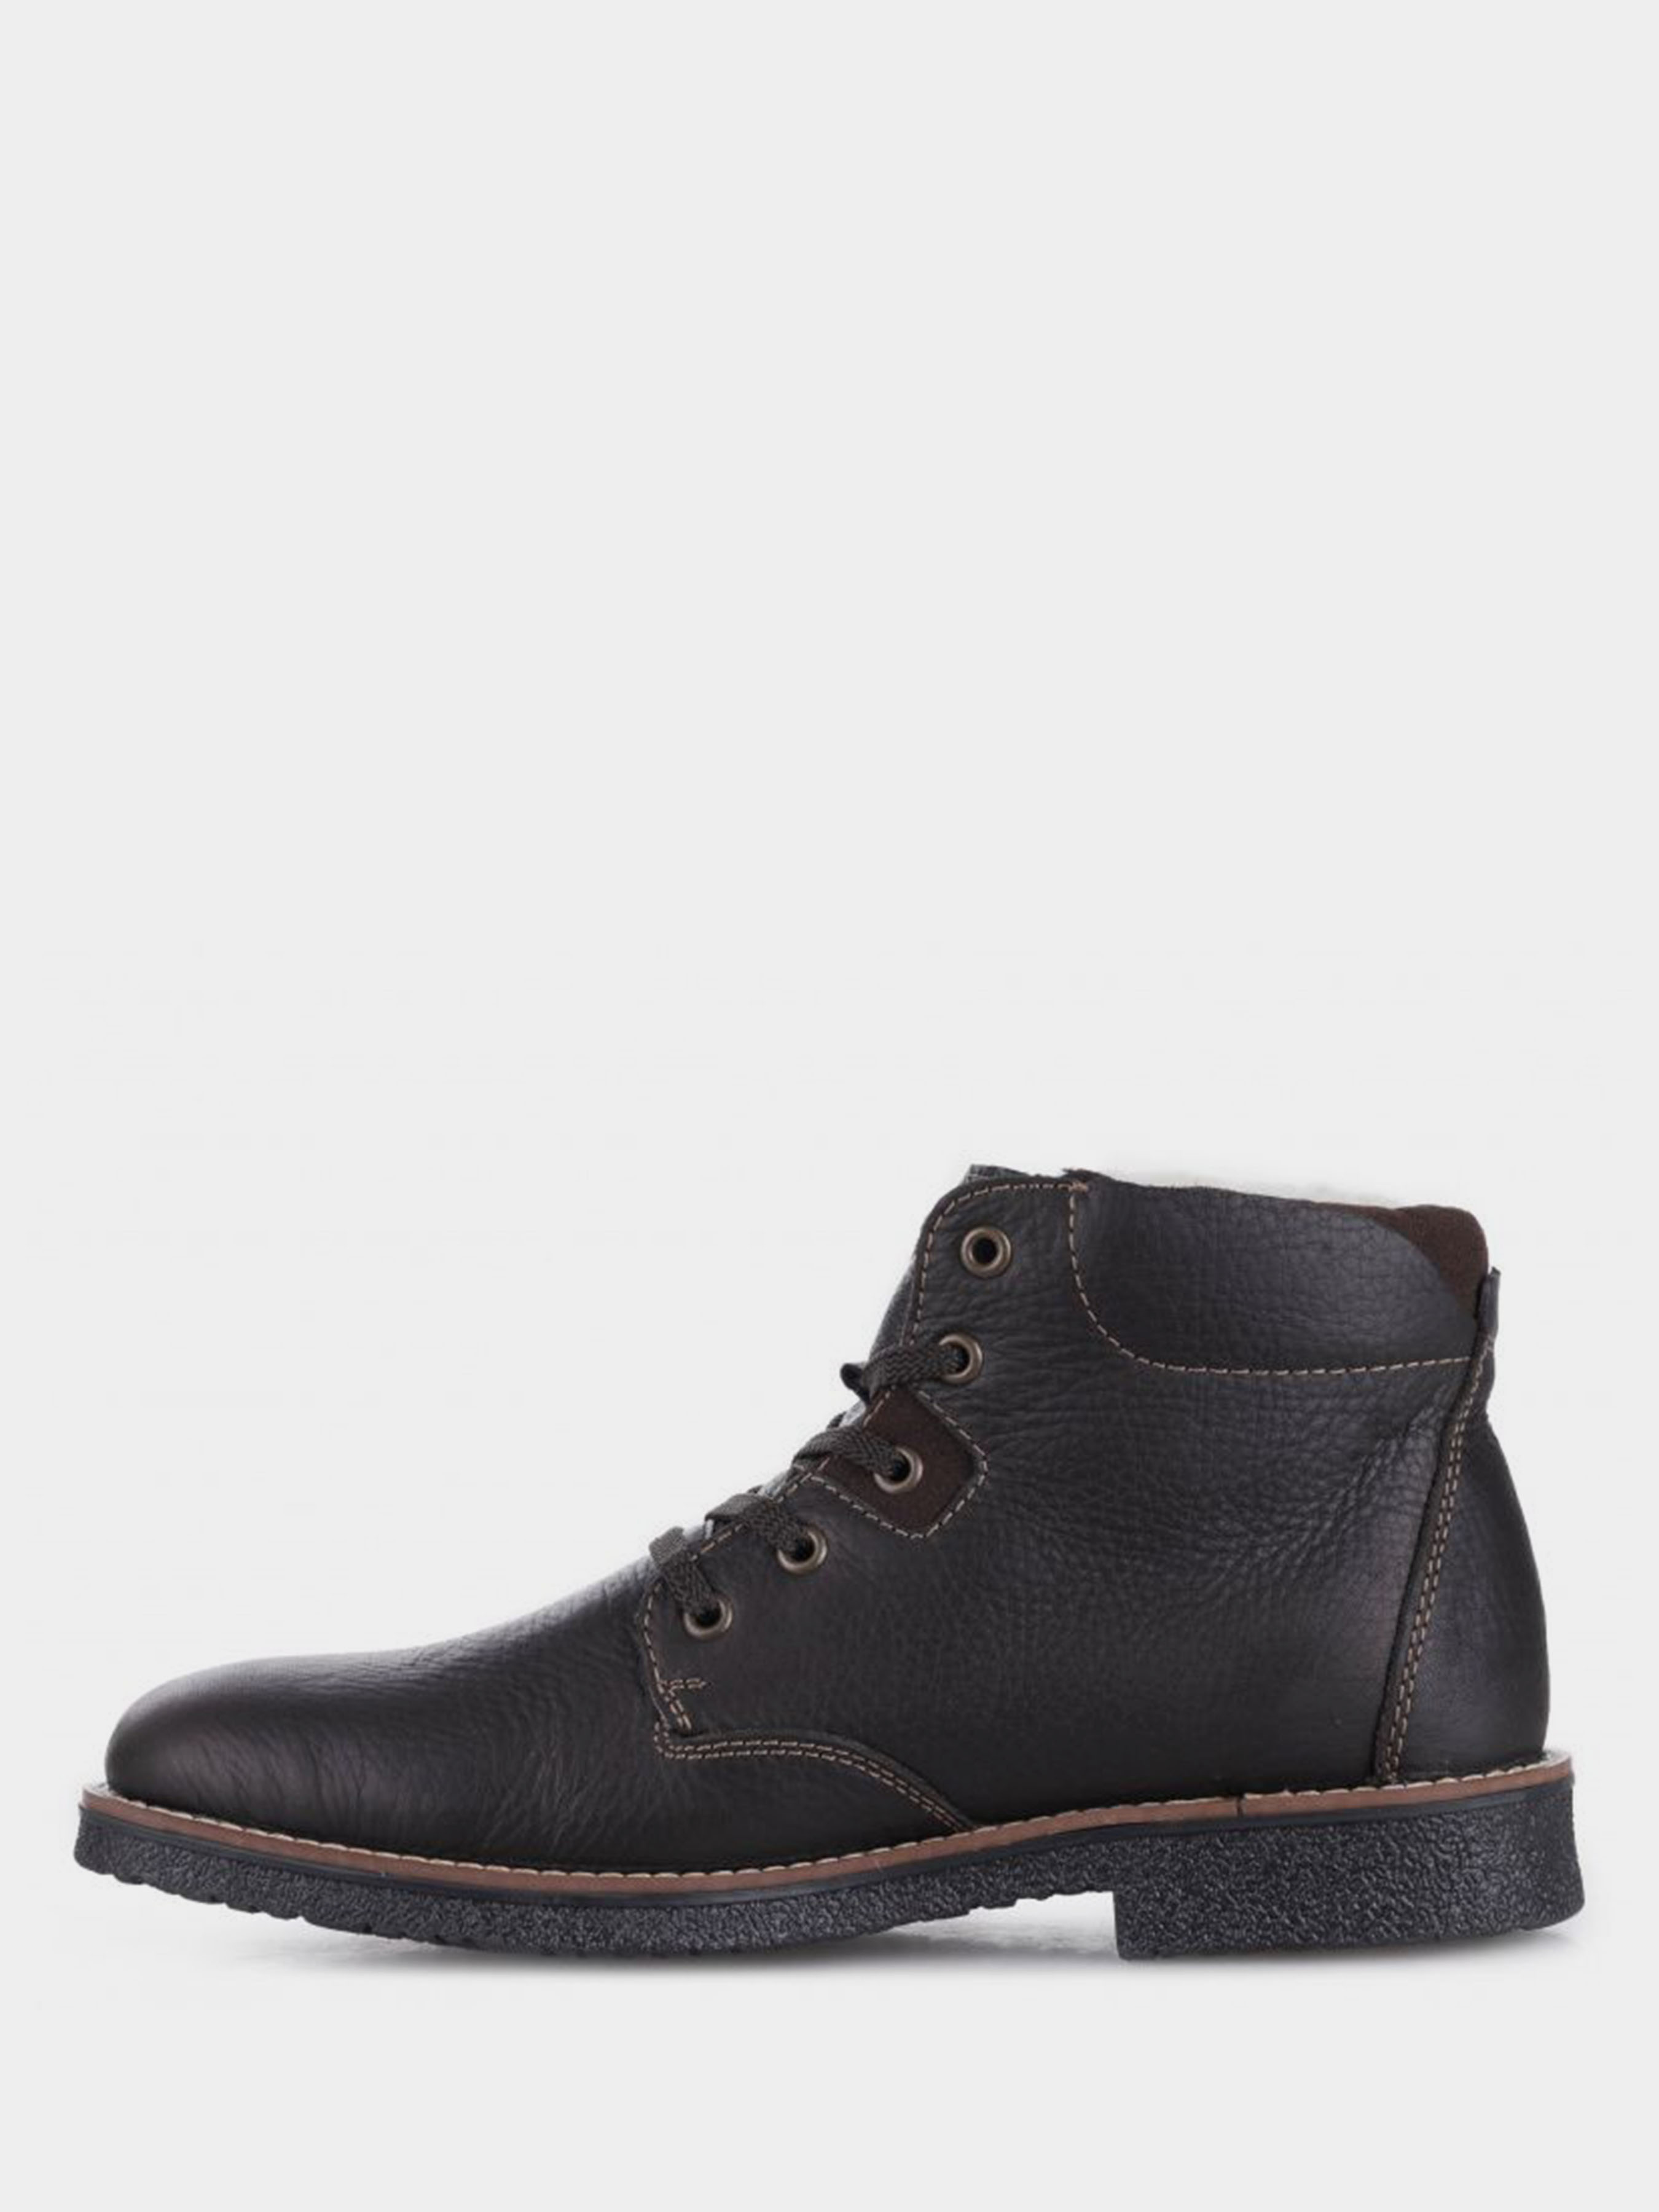 Ботинки для мужчин RIEKER 33642/25 размеры обуви, 2017